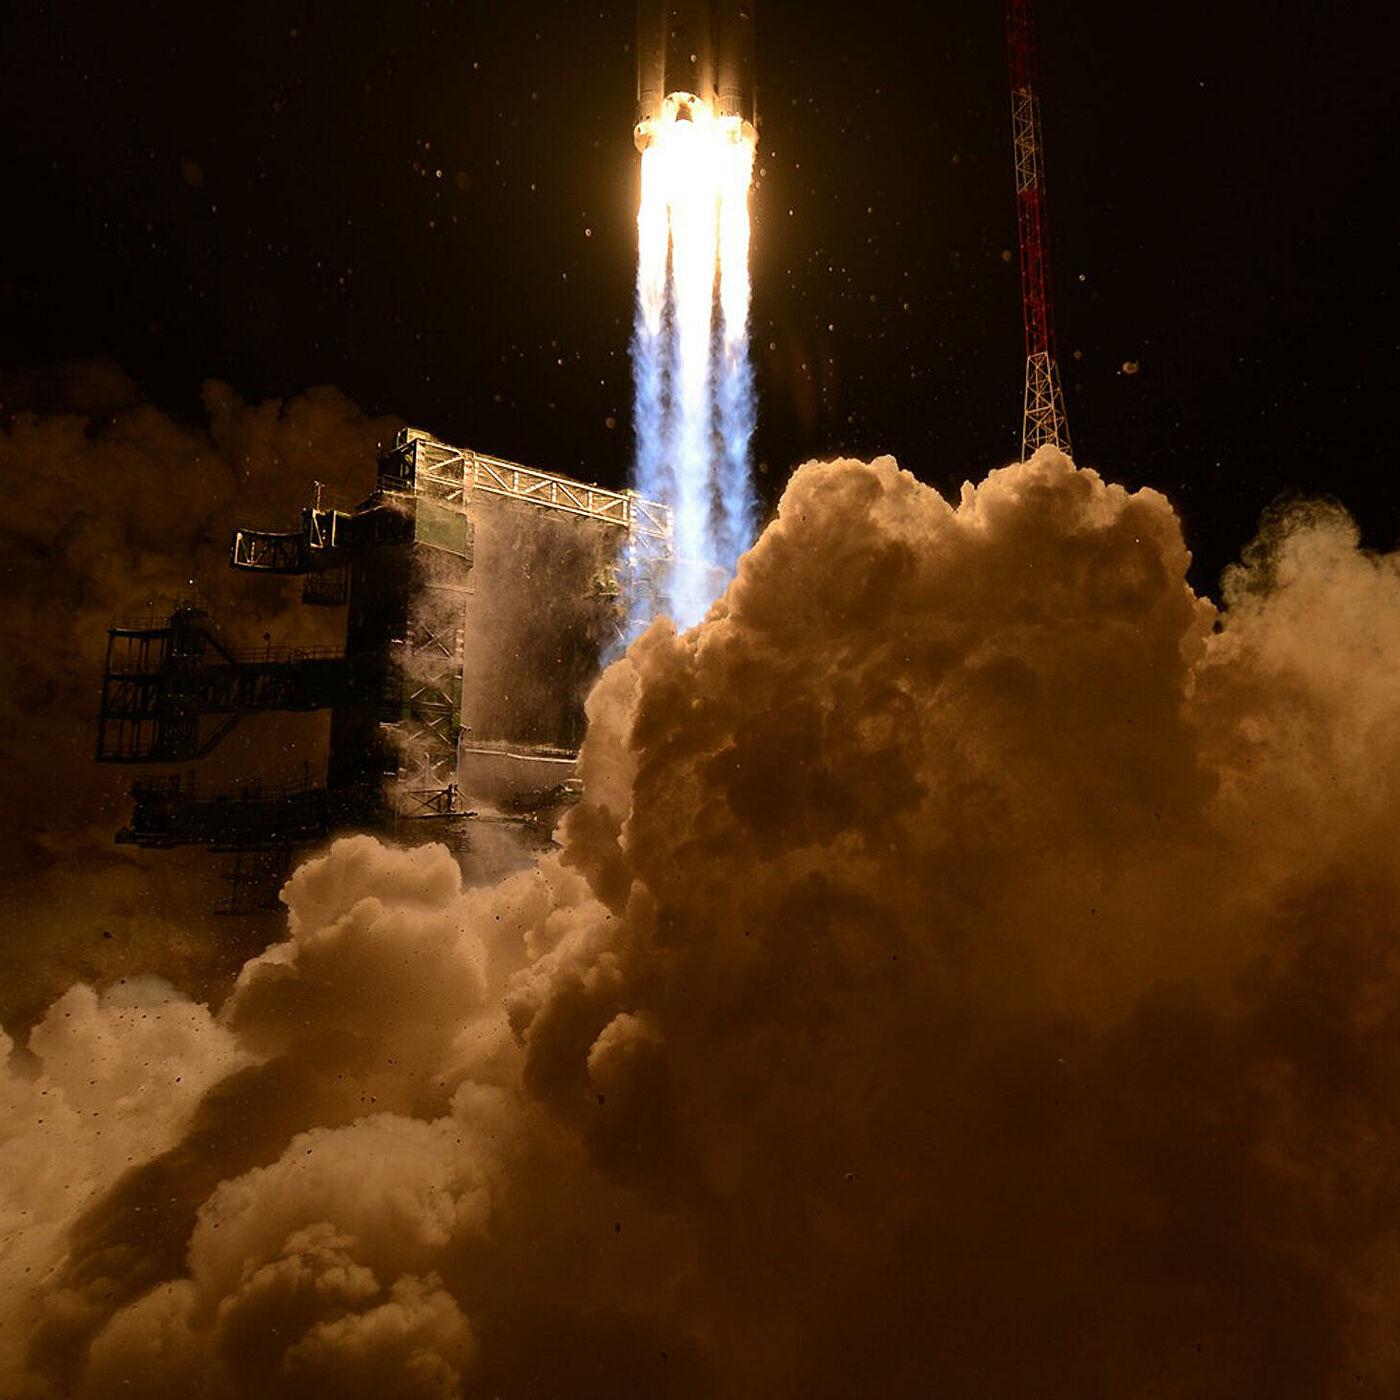 """Visoka cena rakete """"Angara"""" A5 posledica montaže u dva grada"""